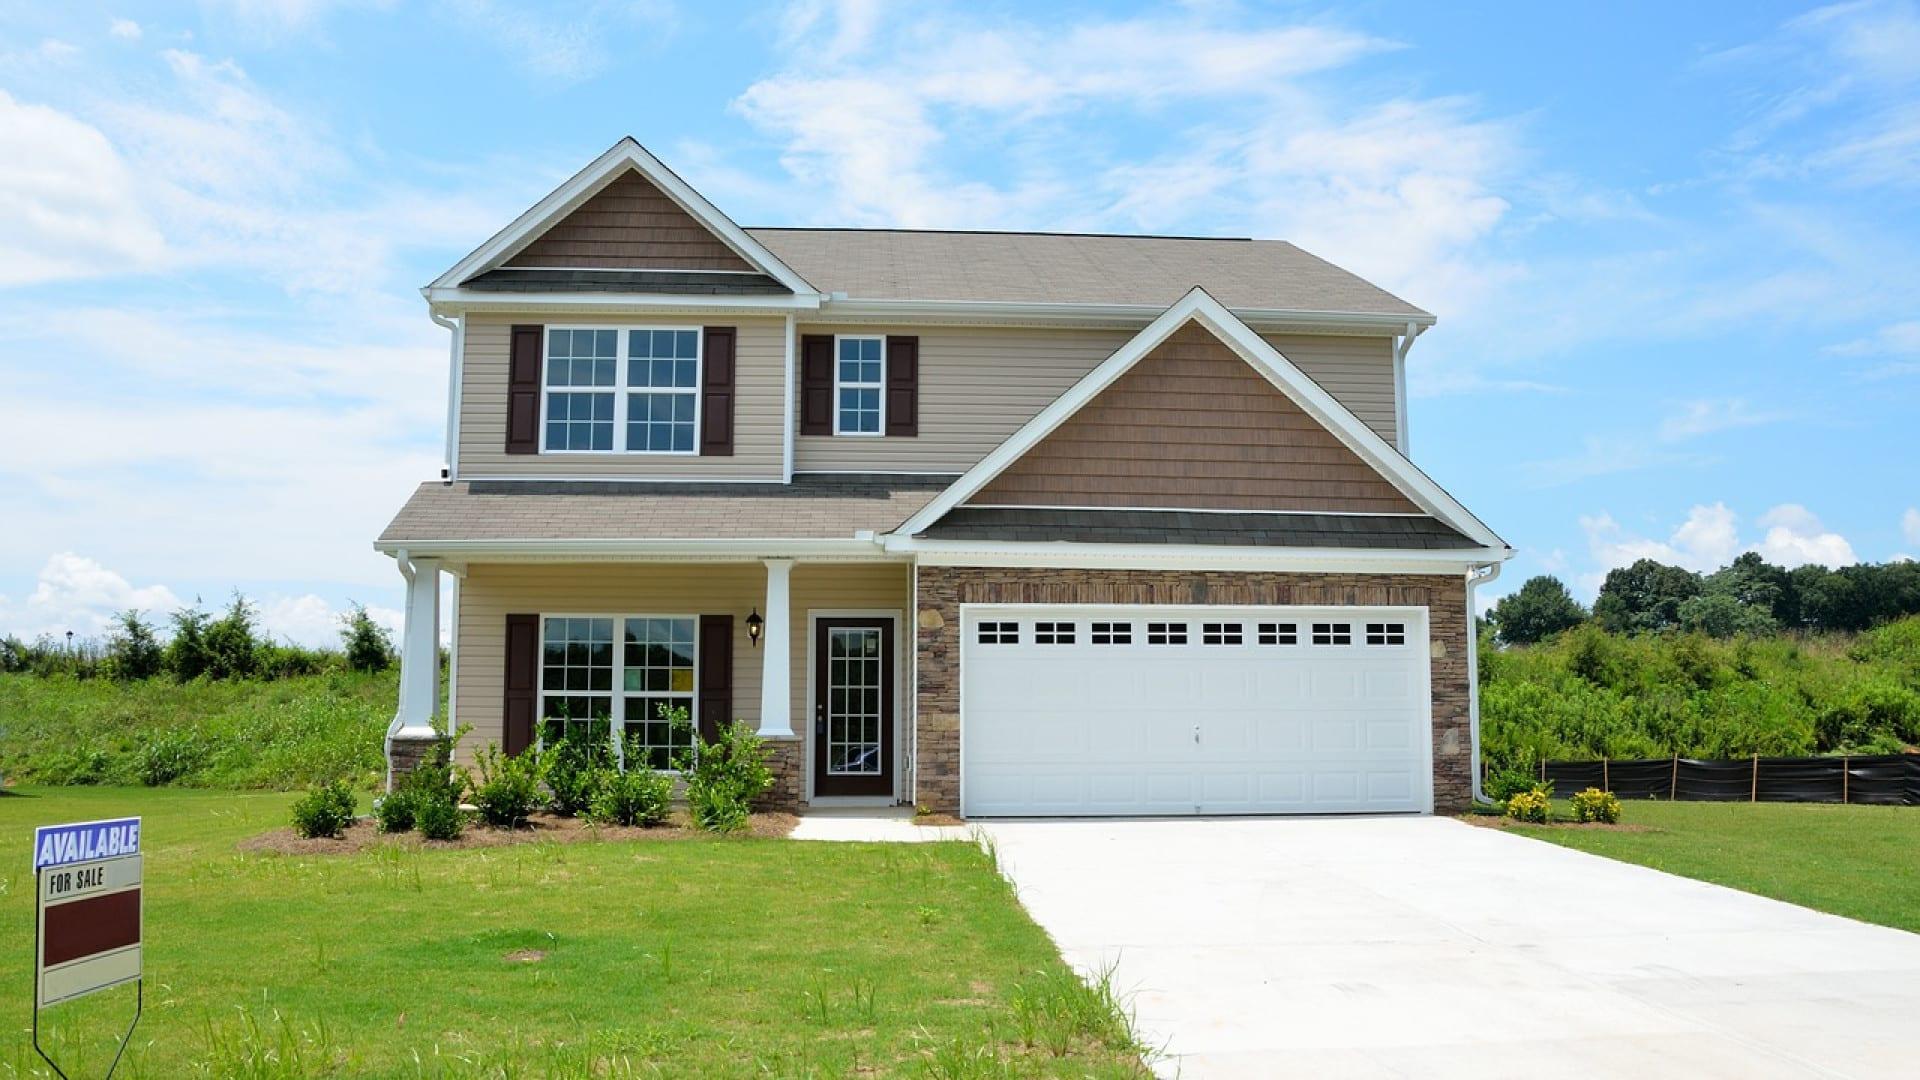 Les avantages d'un investissement dans l'immobilier neuf